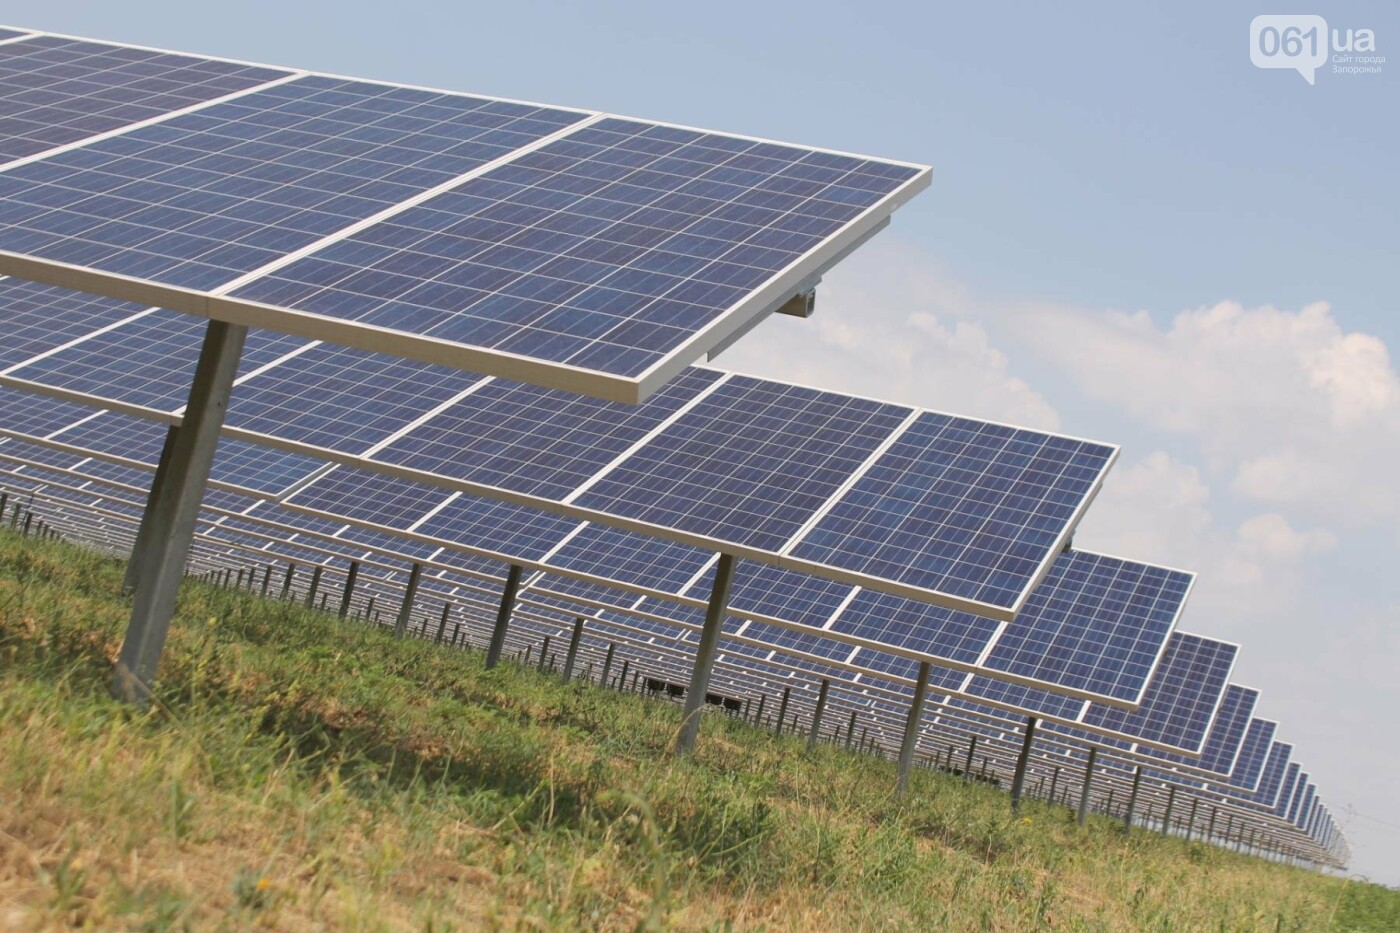 Как в Запорожской области работает крупнейшая в Украине солнечная станция: экскурсия на производство, — ФОТОРЕПОРТАЖ, фото-19